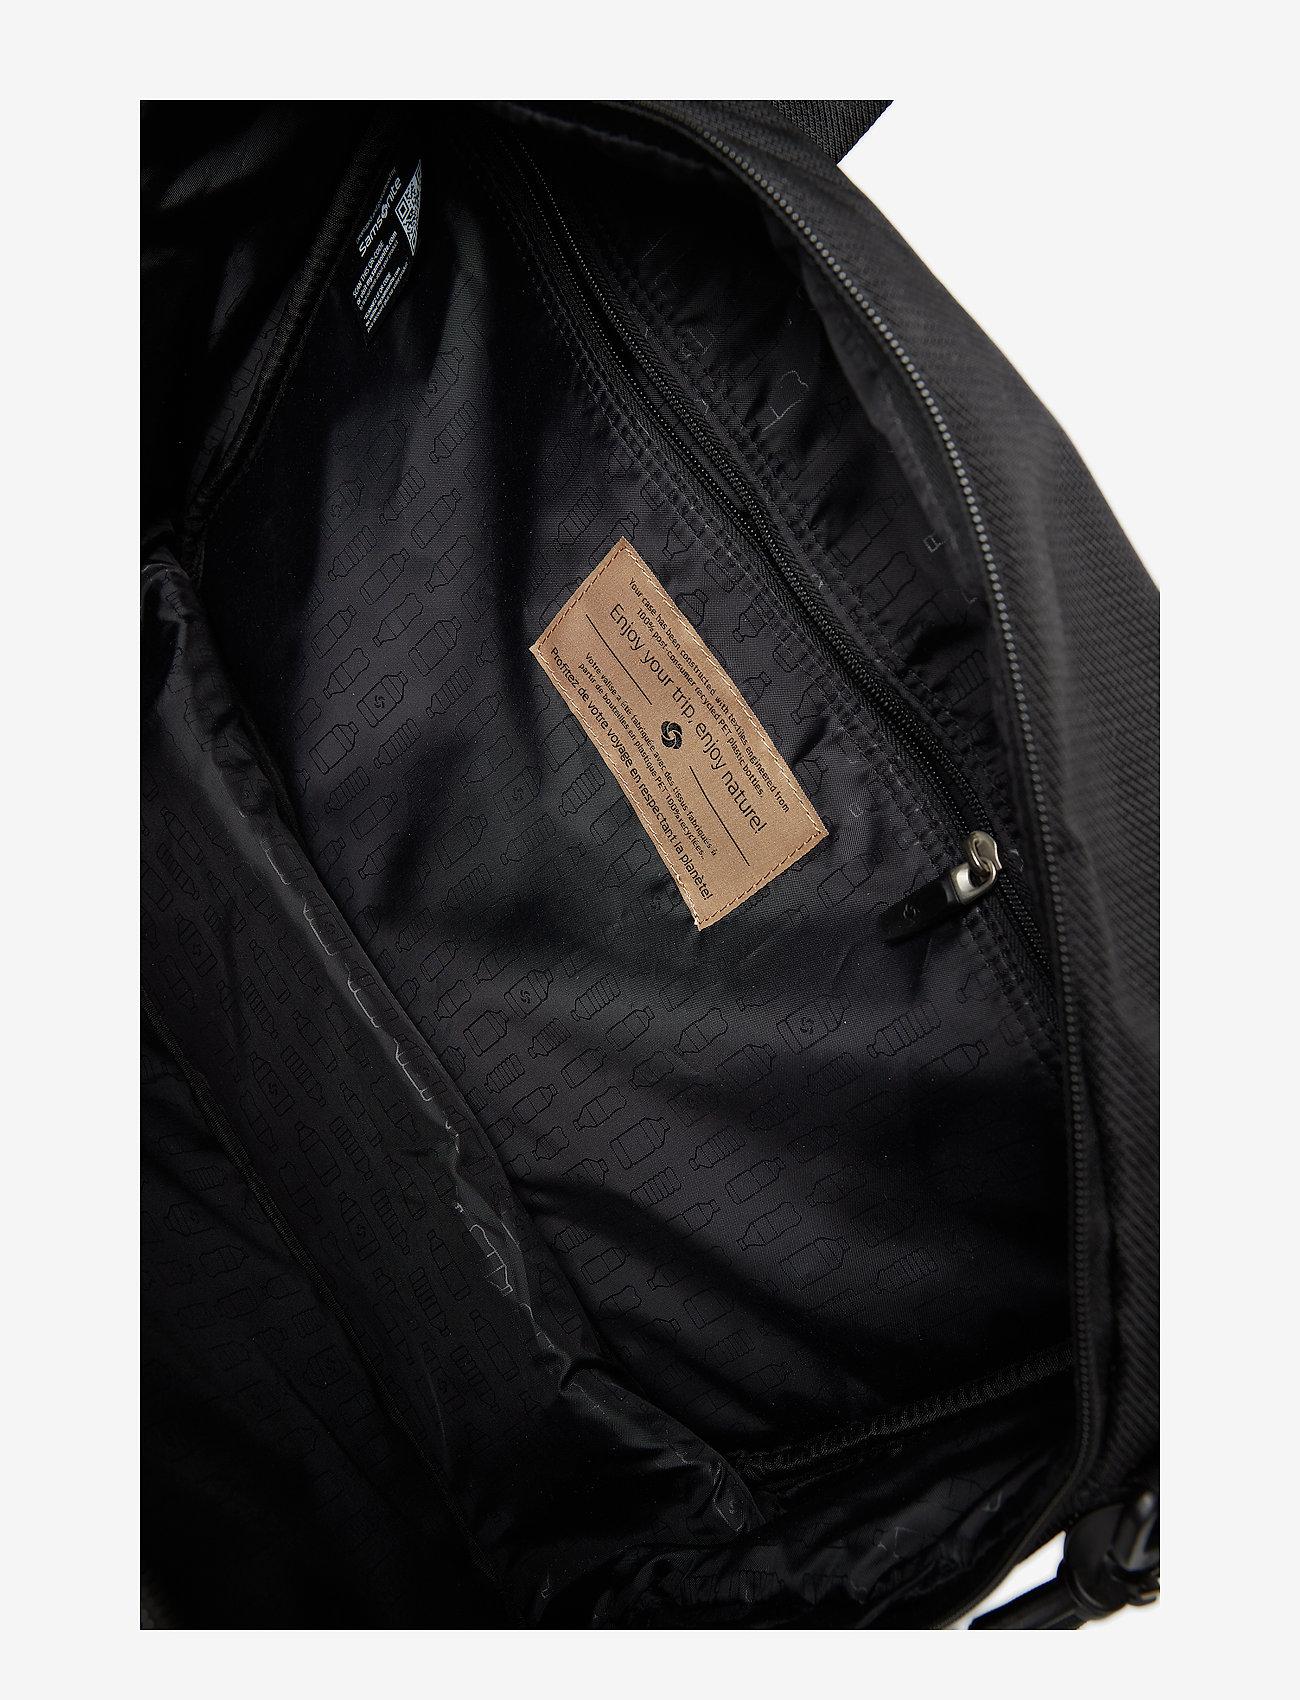 Samsonite - Spark SNG ECO Shoulder Bag - eco black - 3